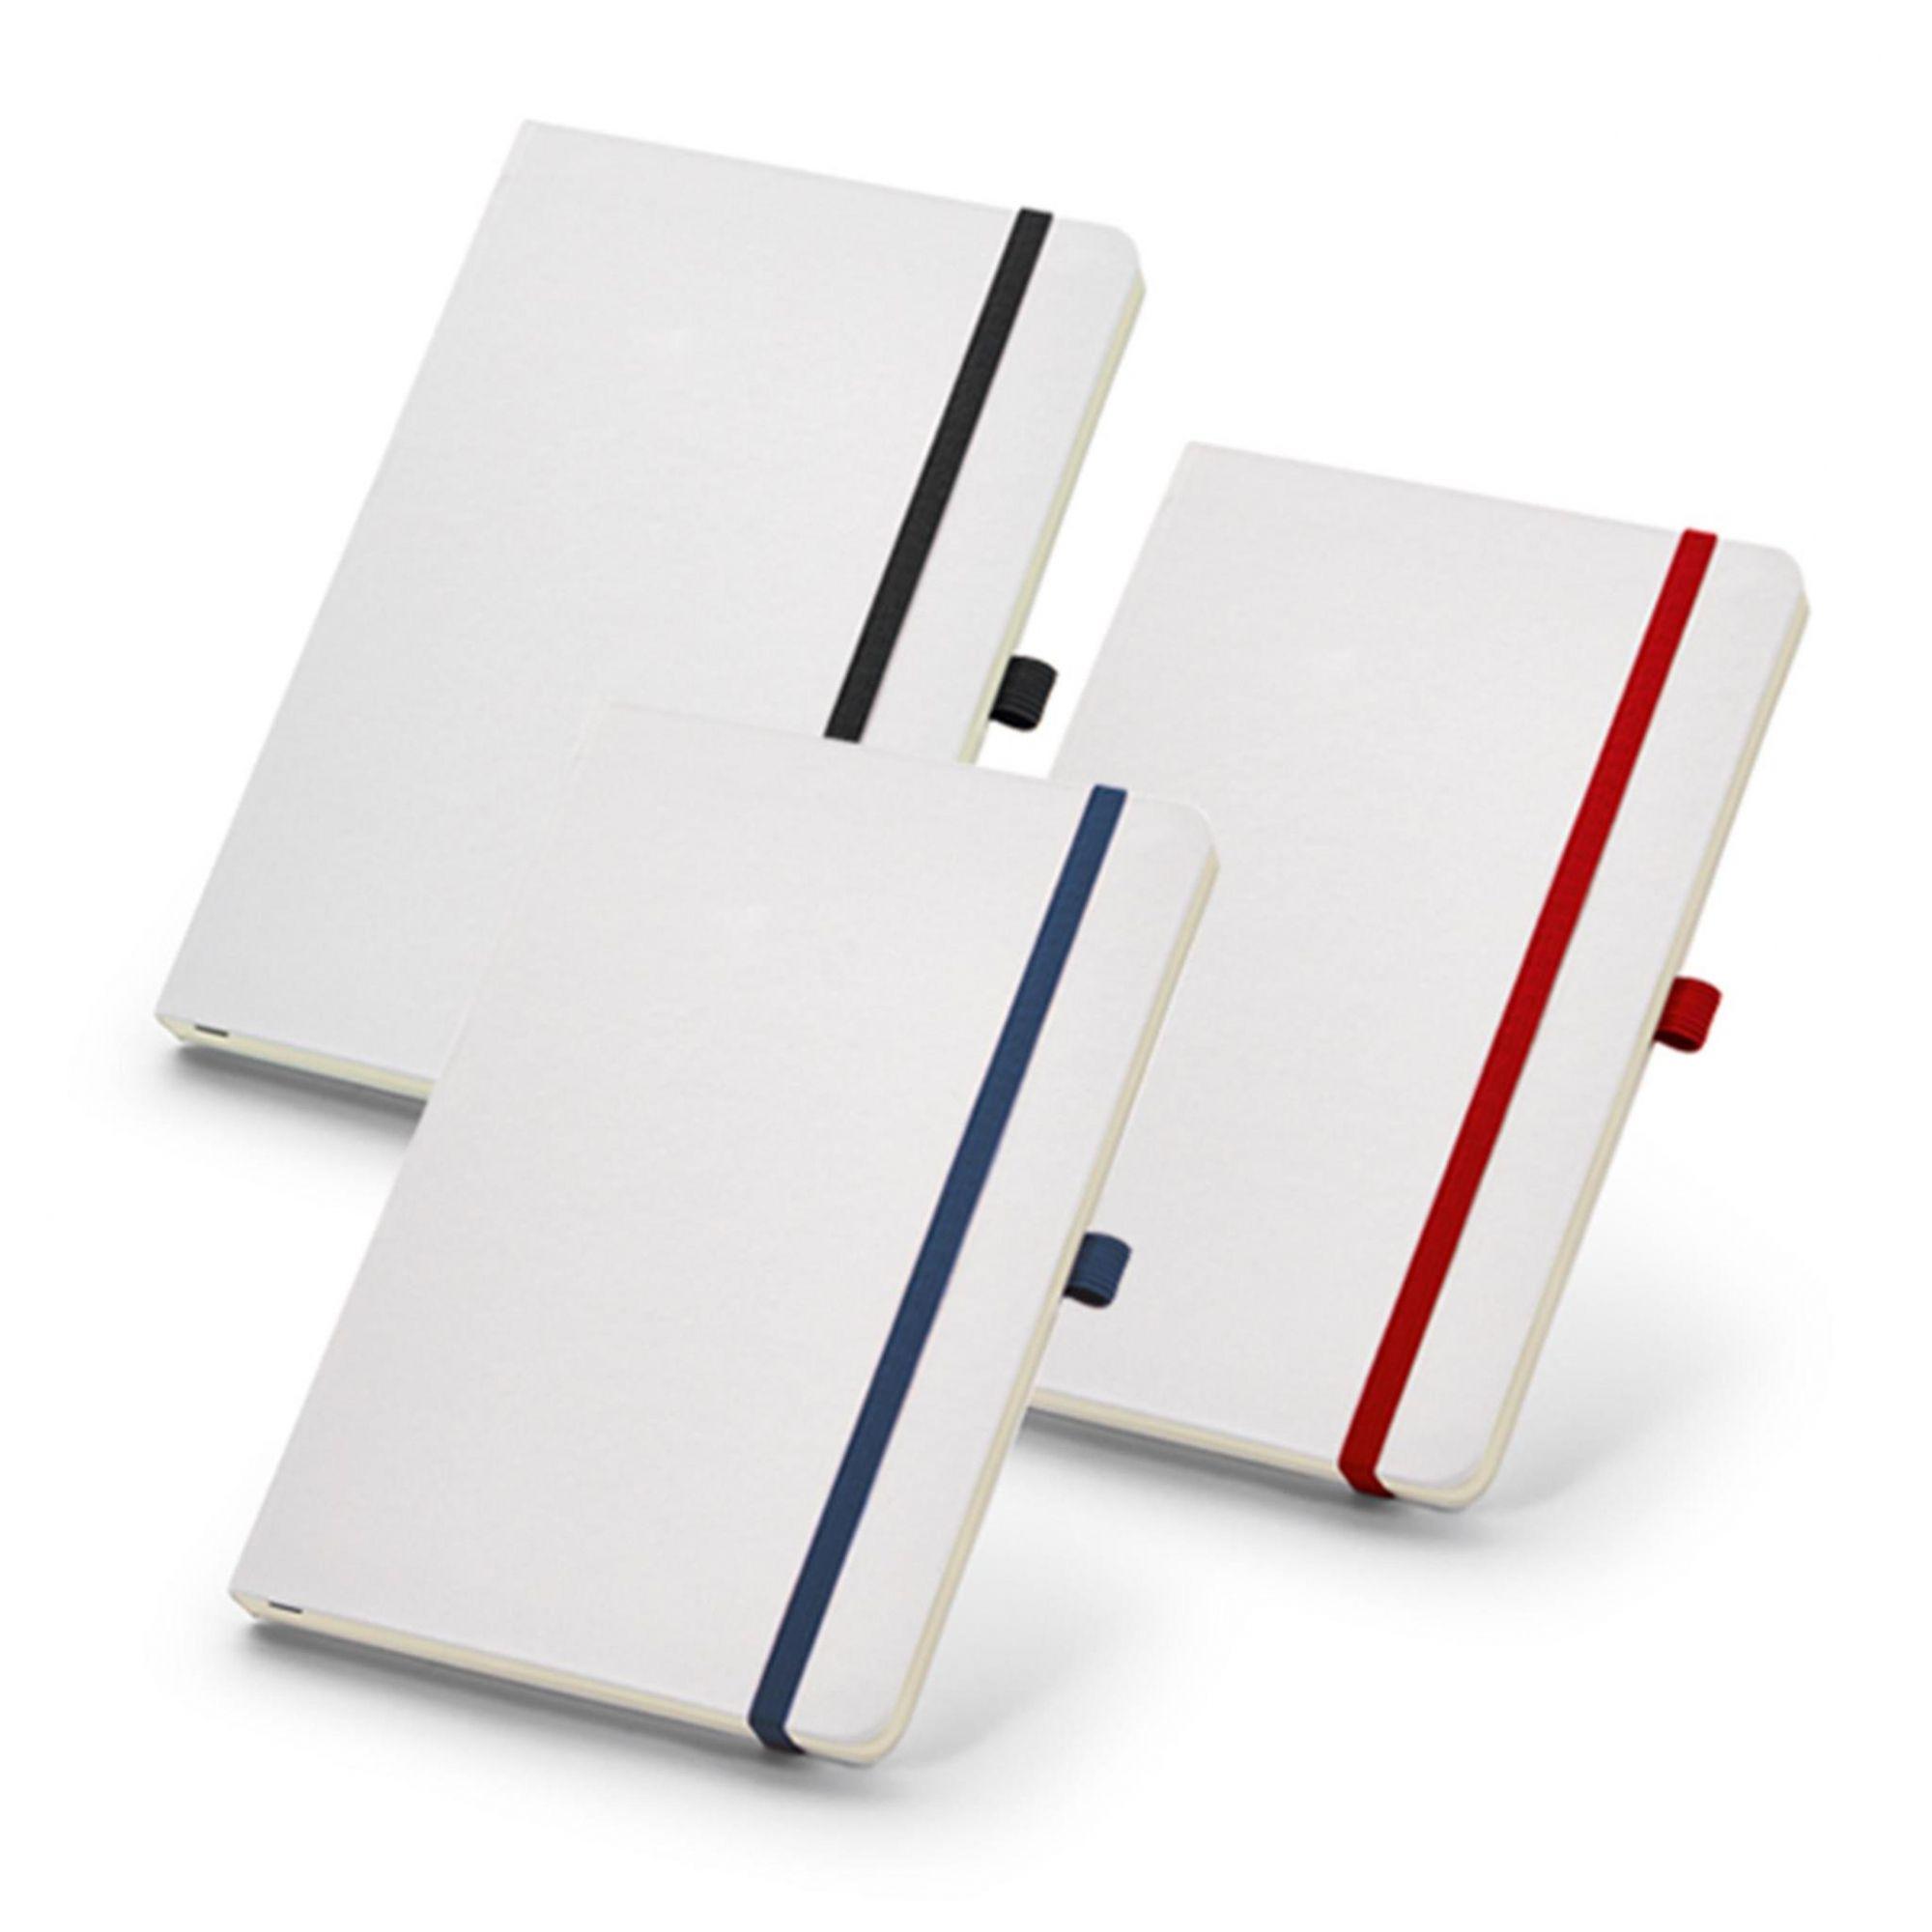 Caderneta Branca Elástico Colorido - Porta Caneta